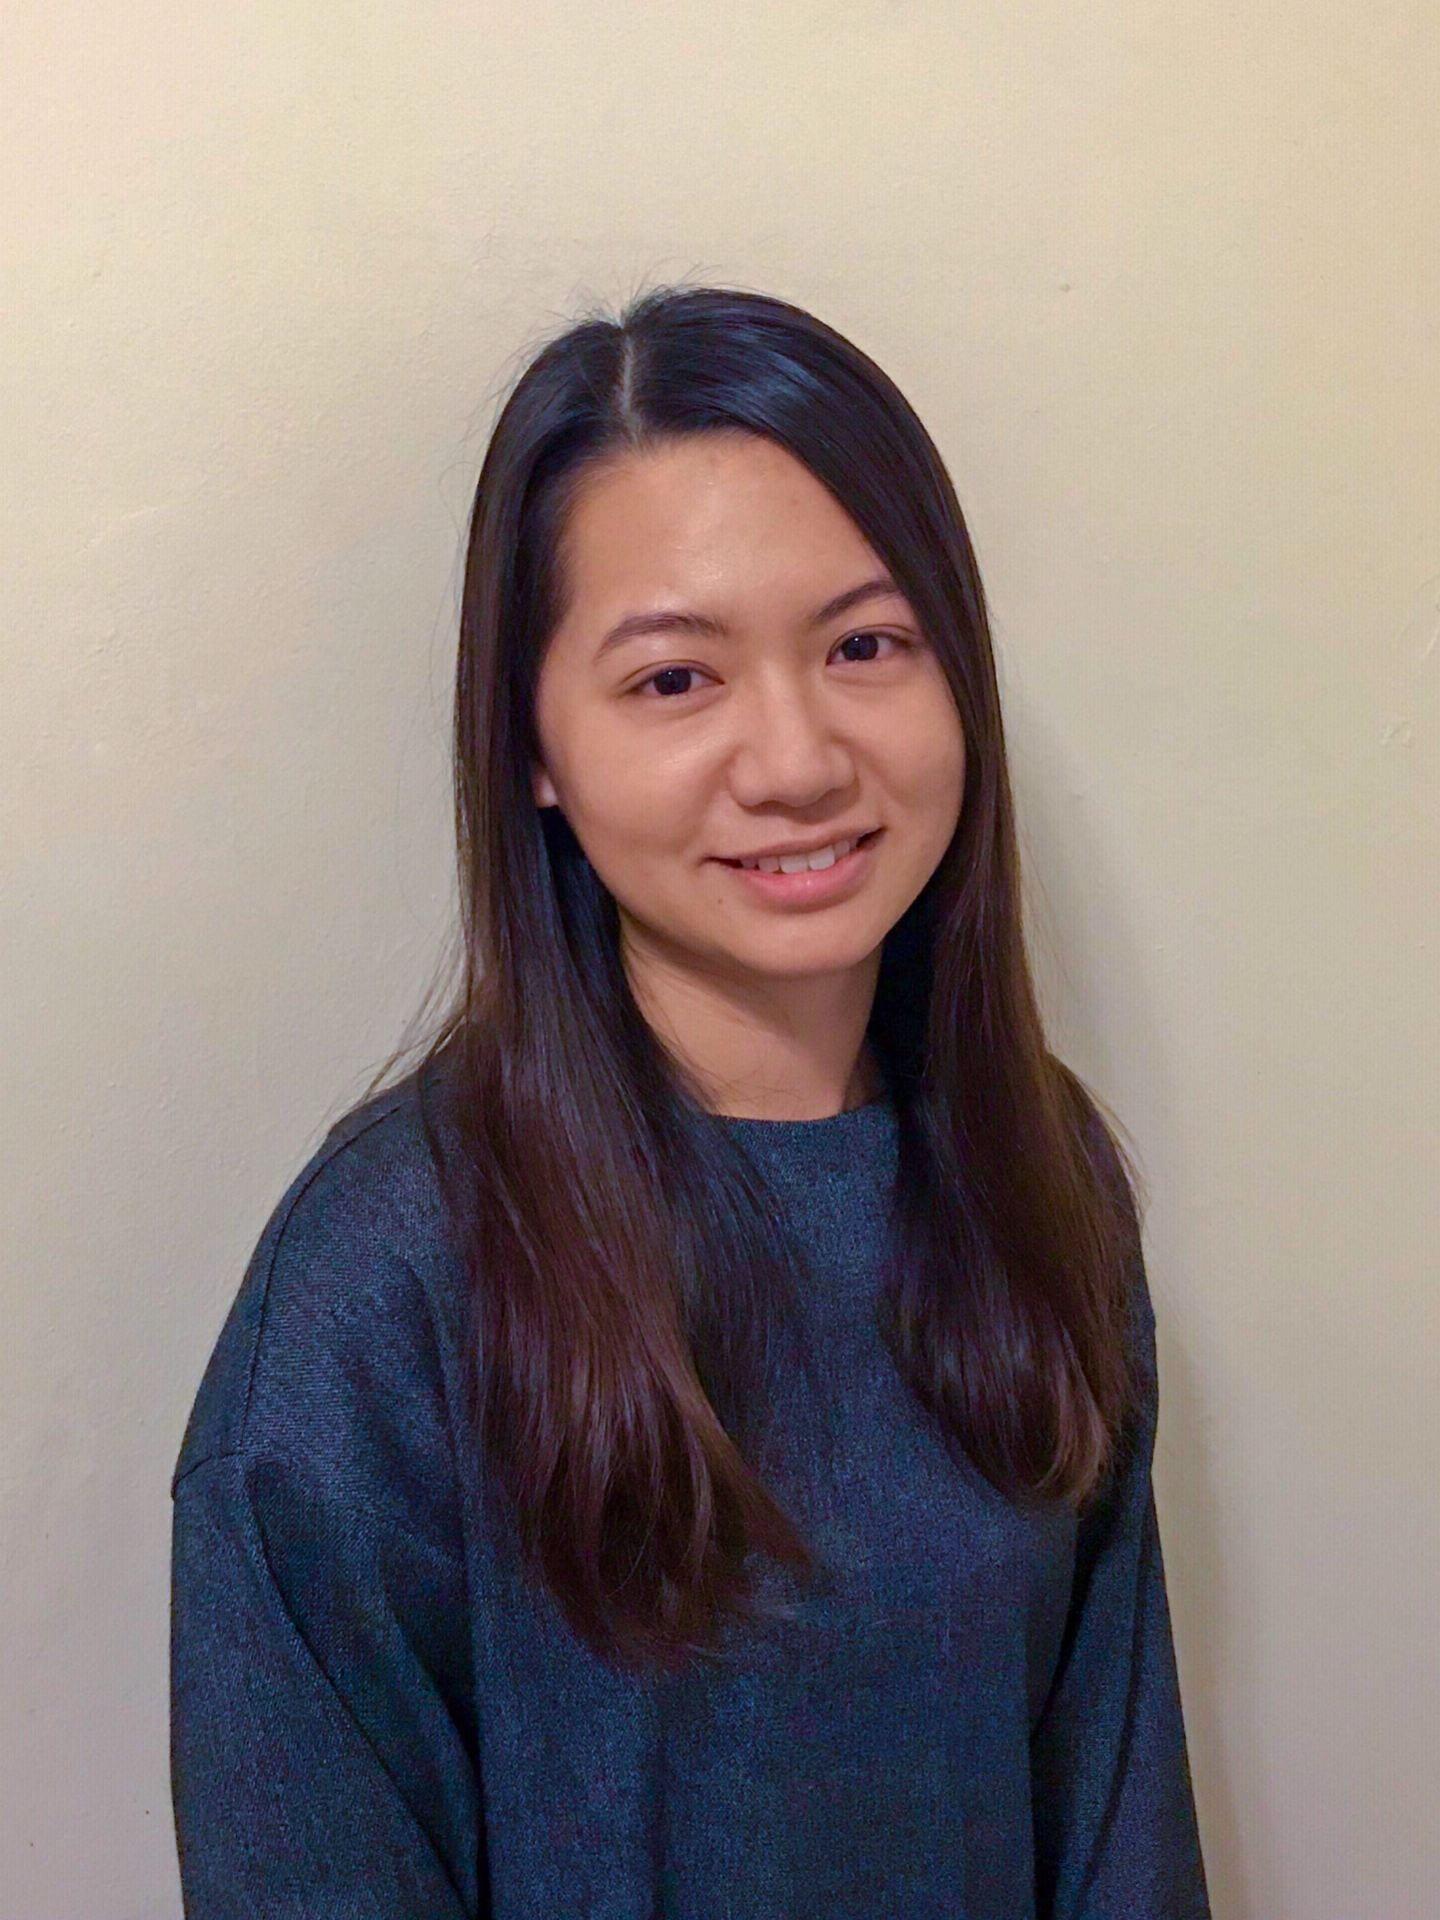 Shen-Huan (Stacy) Liang